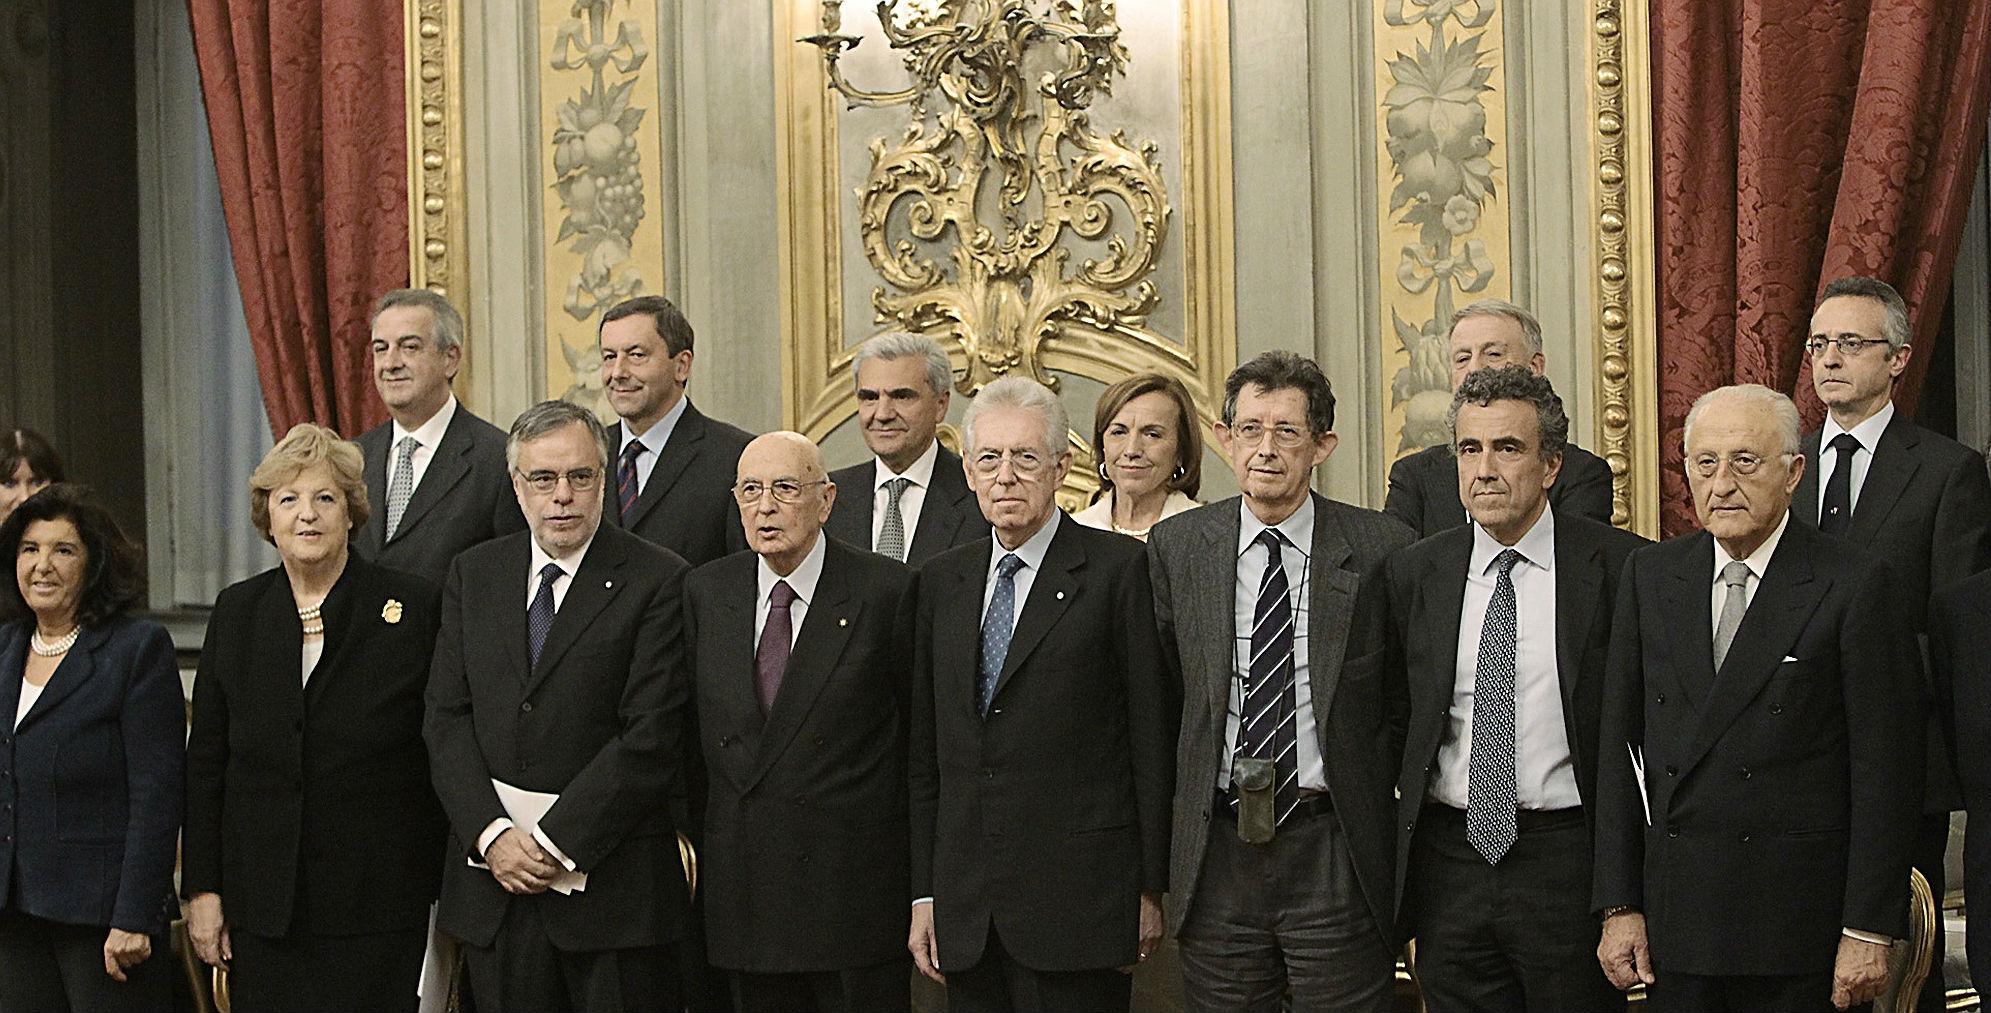 il consiglio dei ministri ha approvato la legge di stabilità